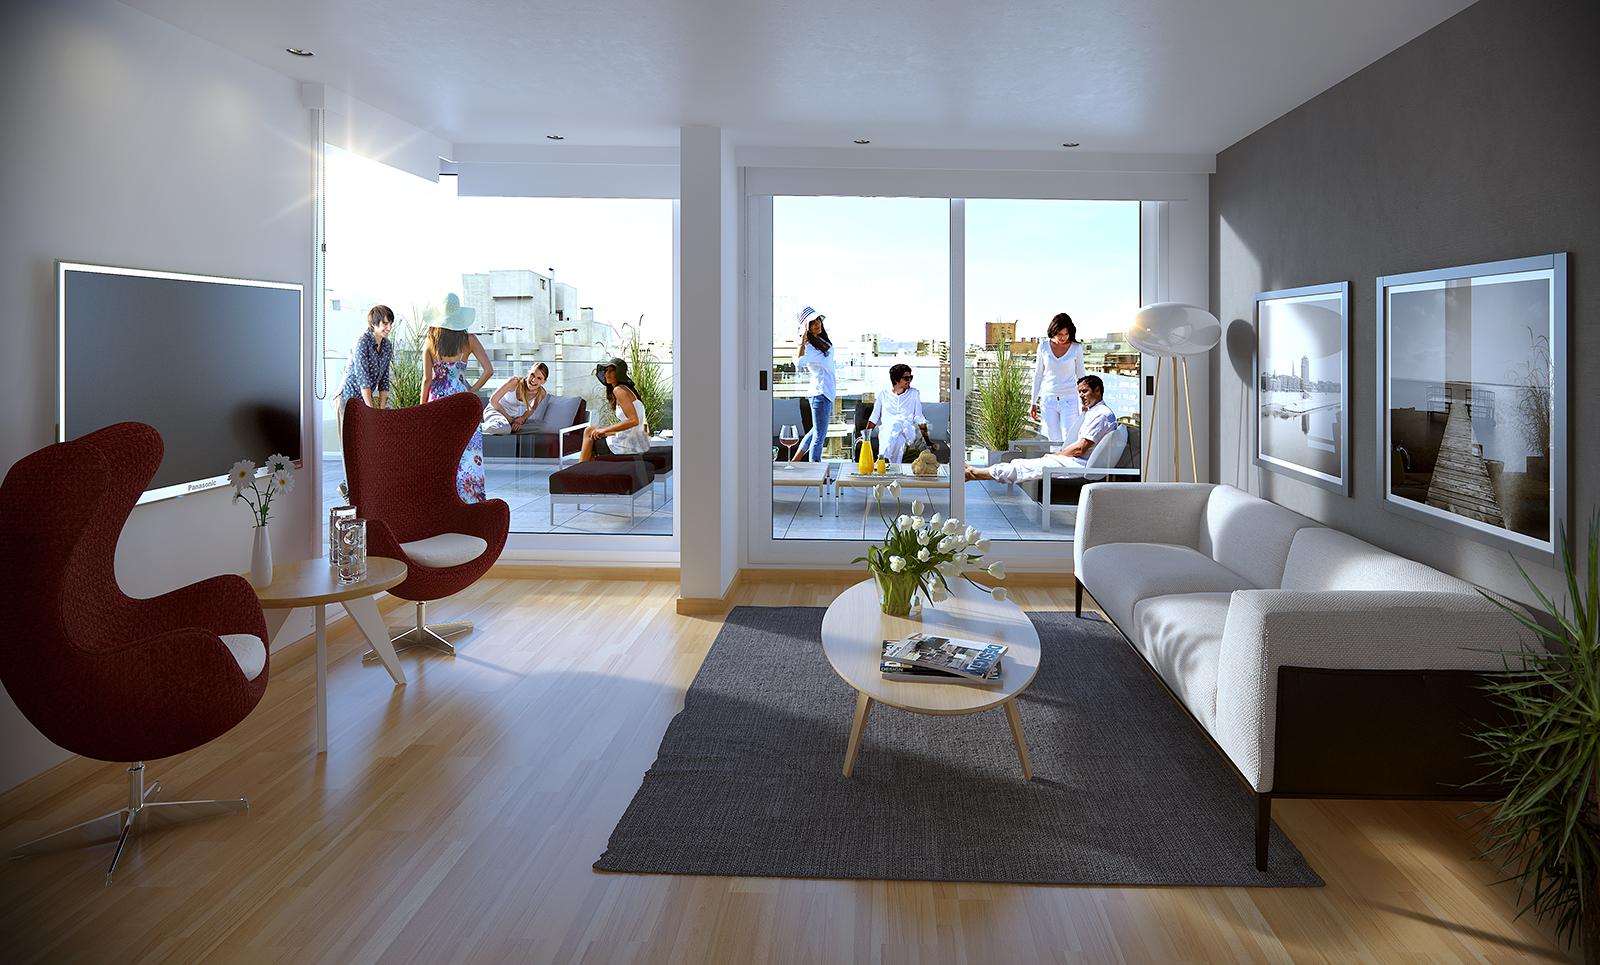 Referencia 55726 Apartamento Monoambiente Pocitos Venta  # Muebles Vicente Lezica